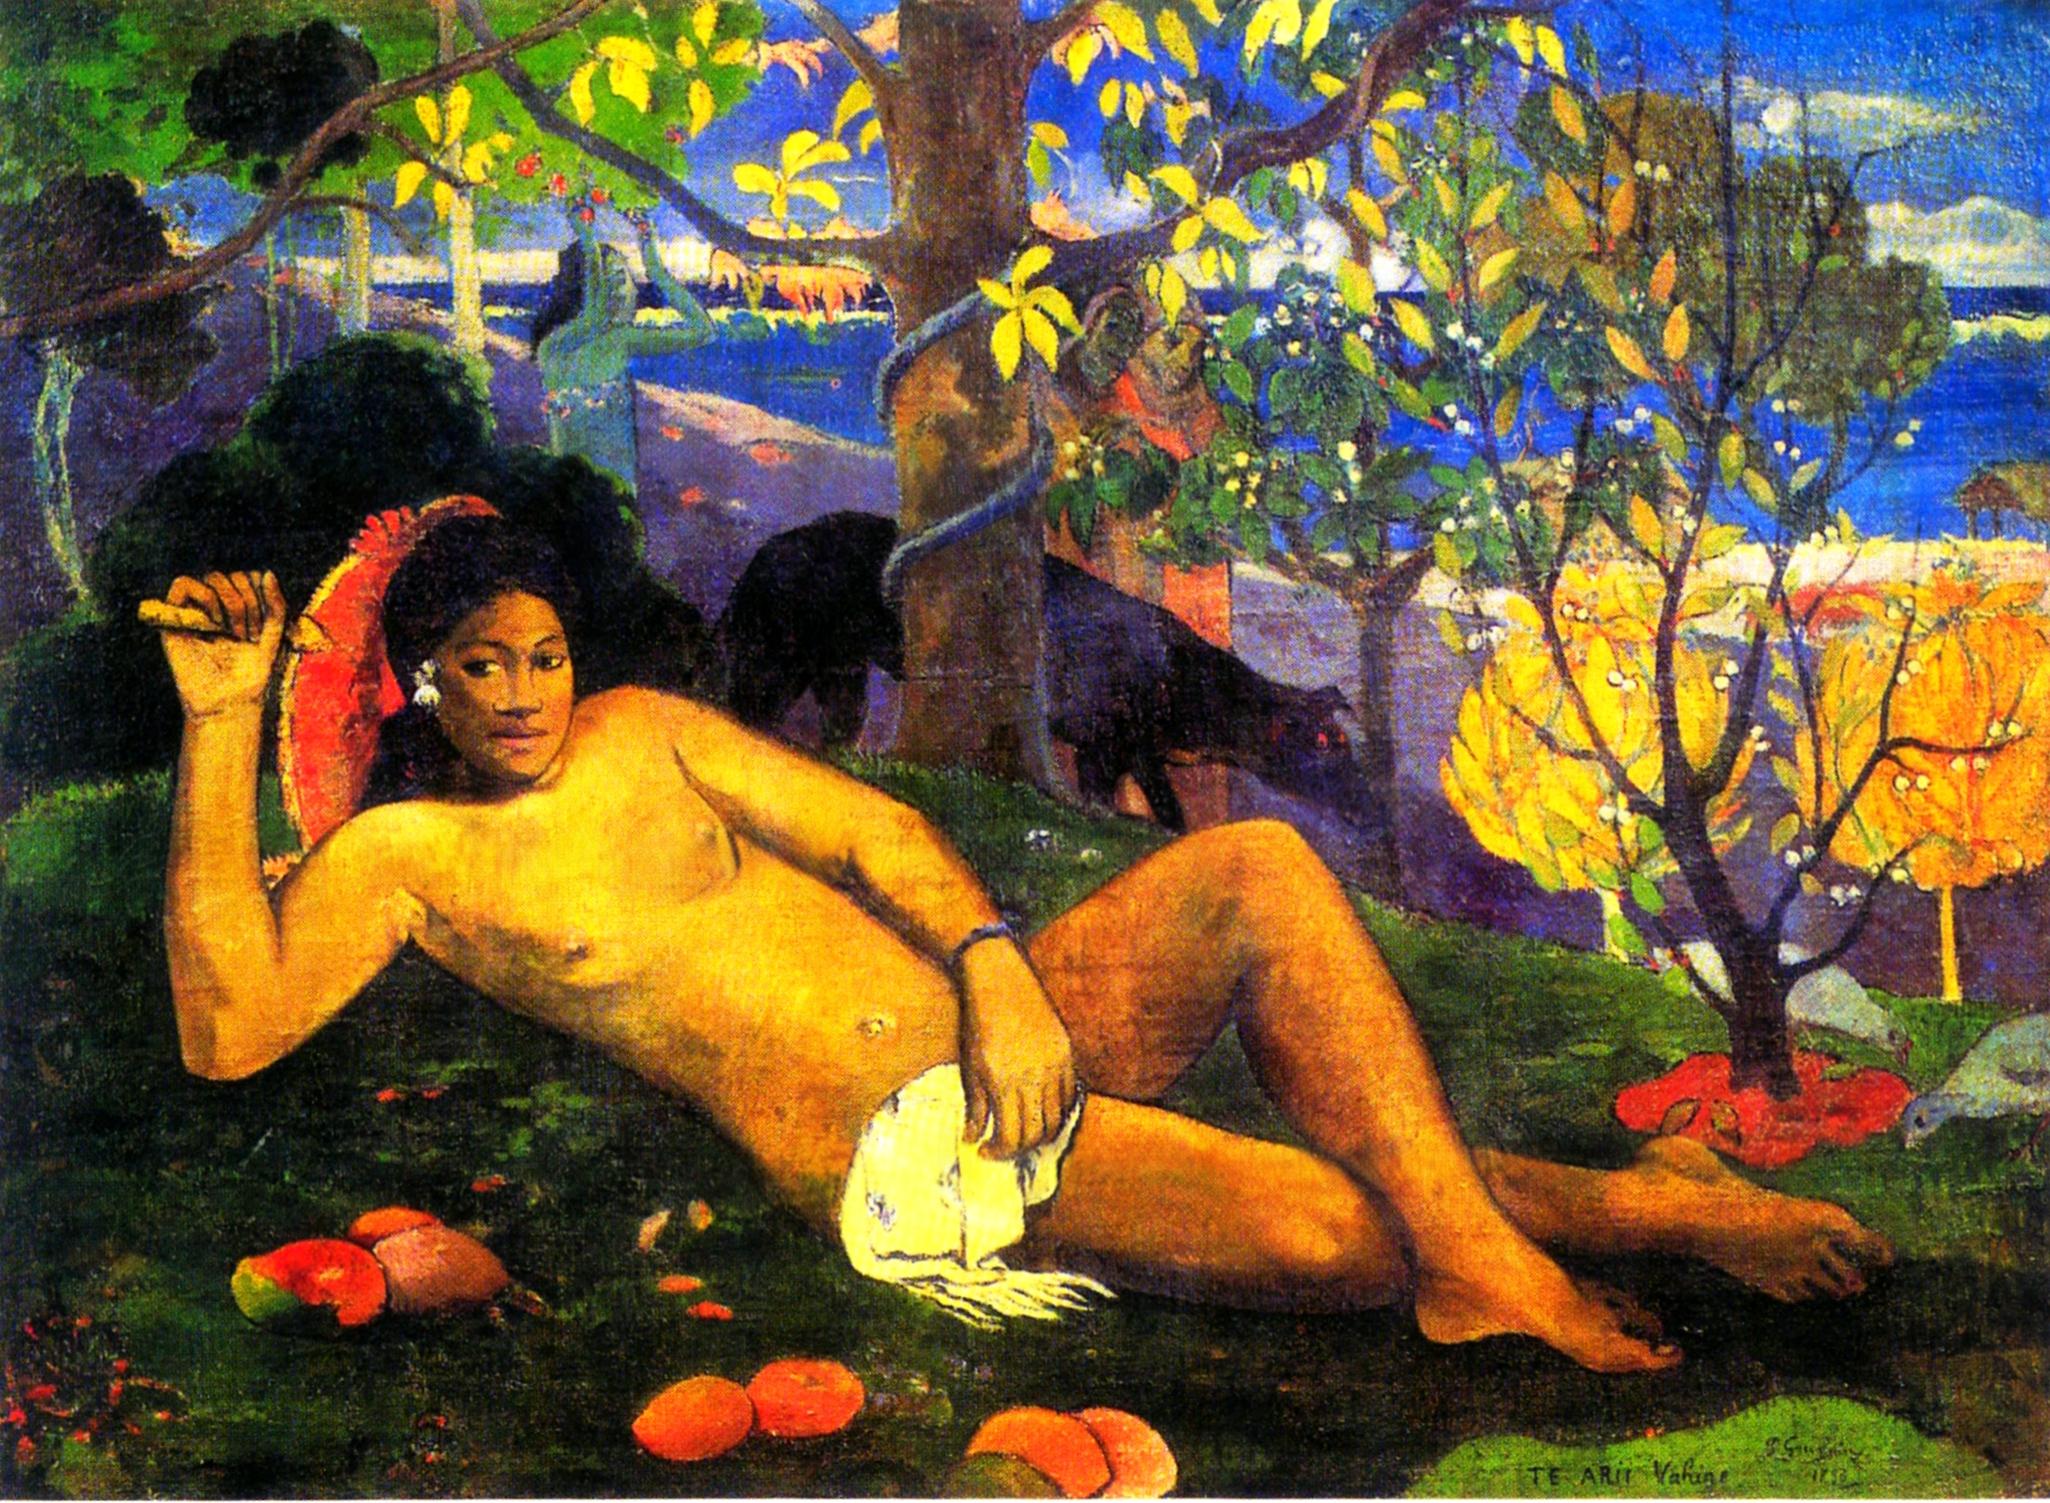 Paul Gauguin: dipingere e pensare liberi dalle catene del moralismo sessuale occidentale.